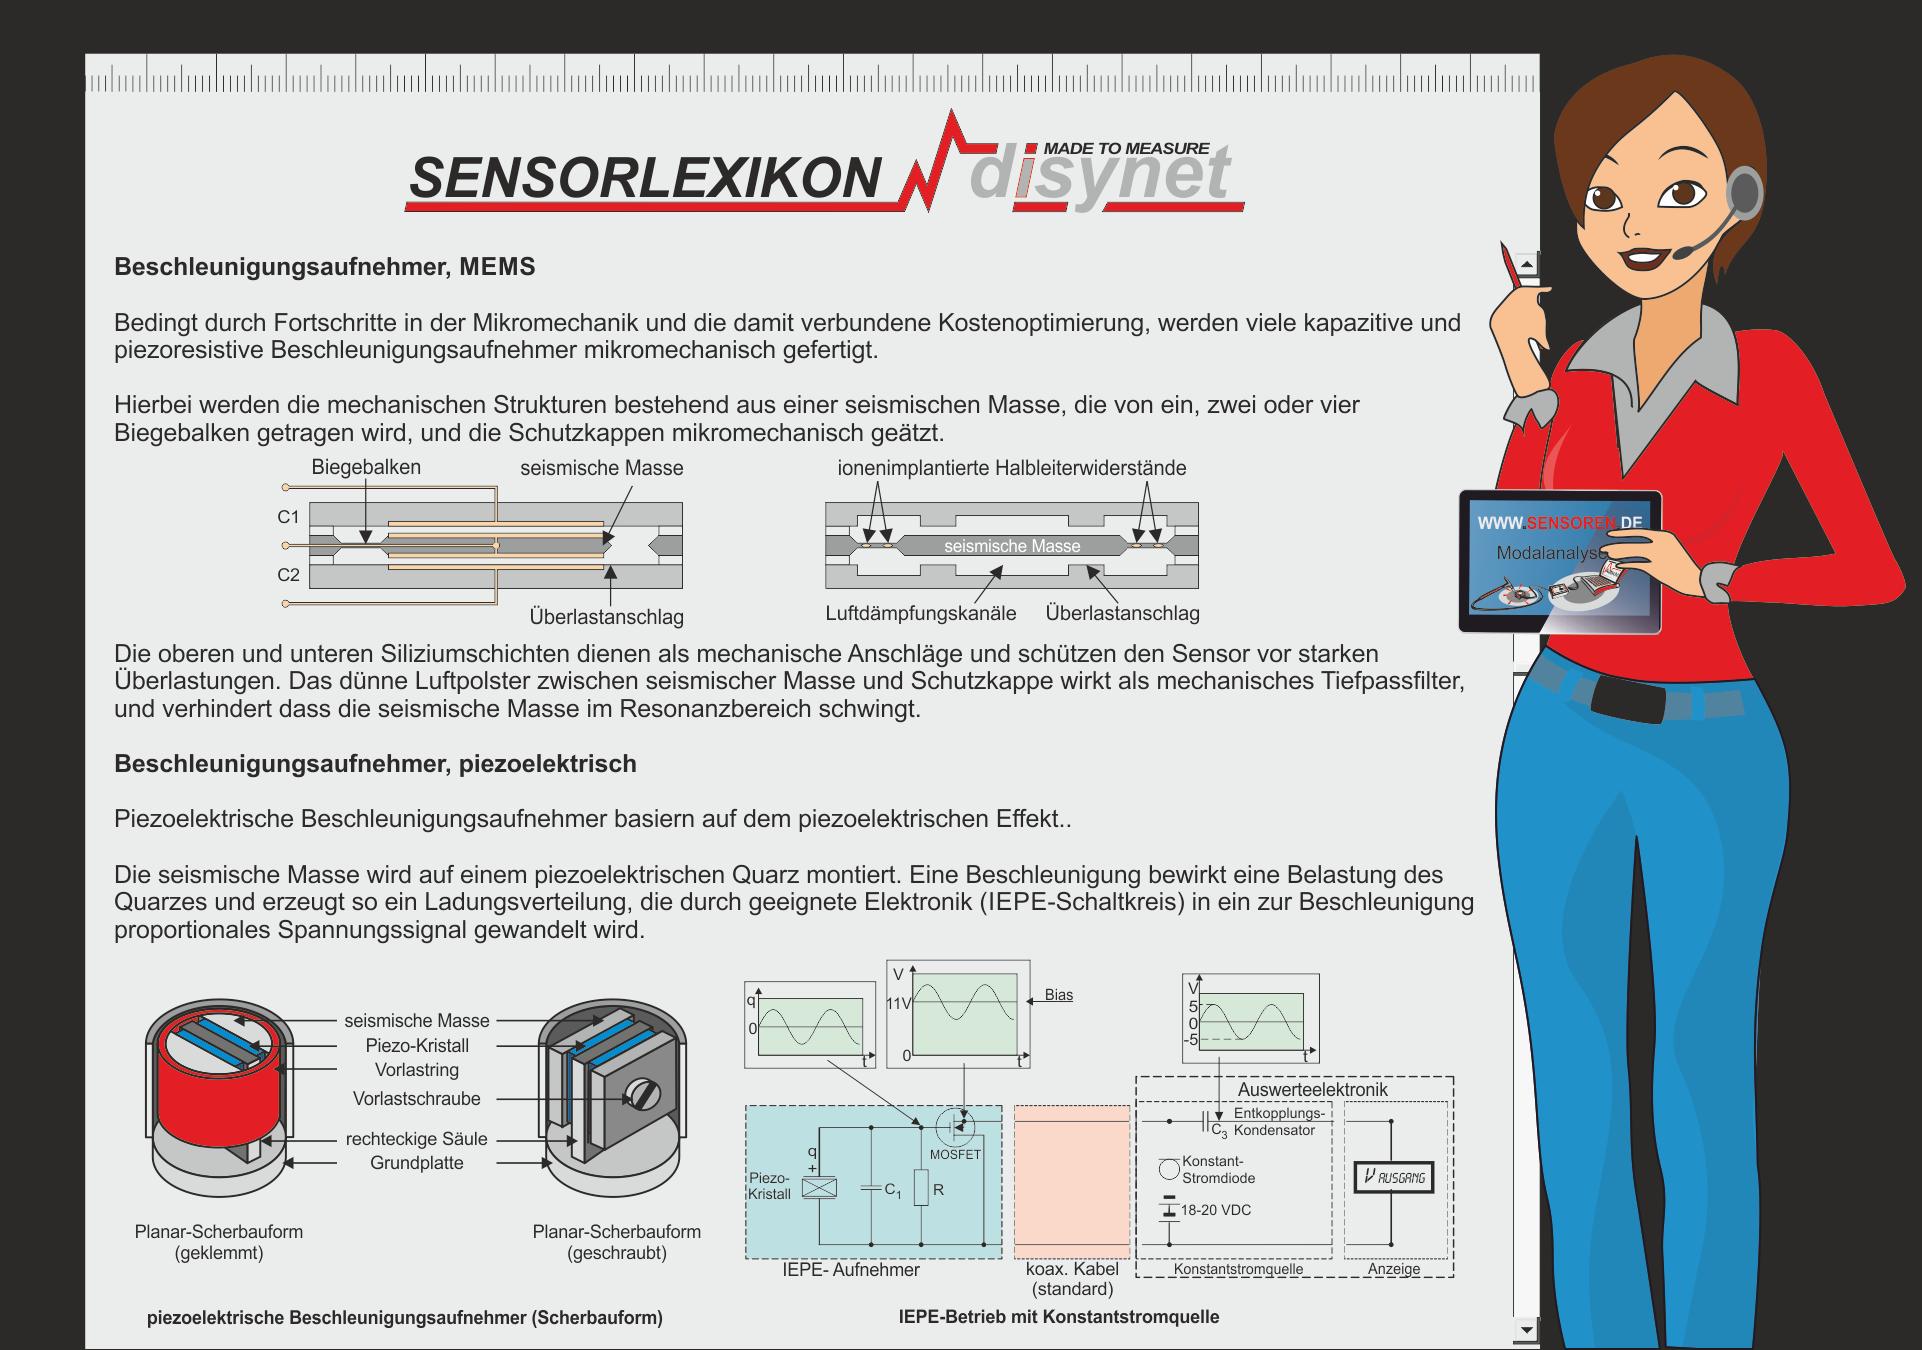 Beratung Sensorlexikon